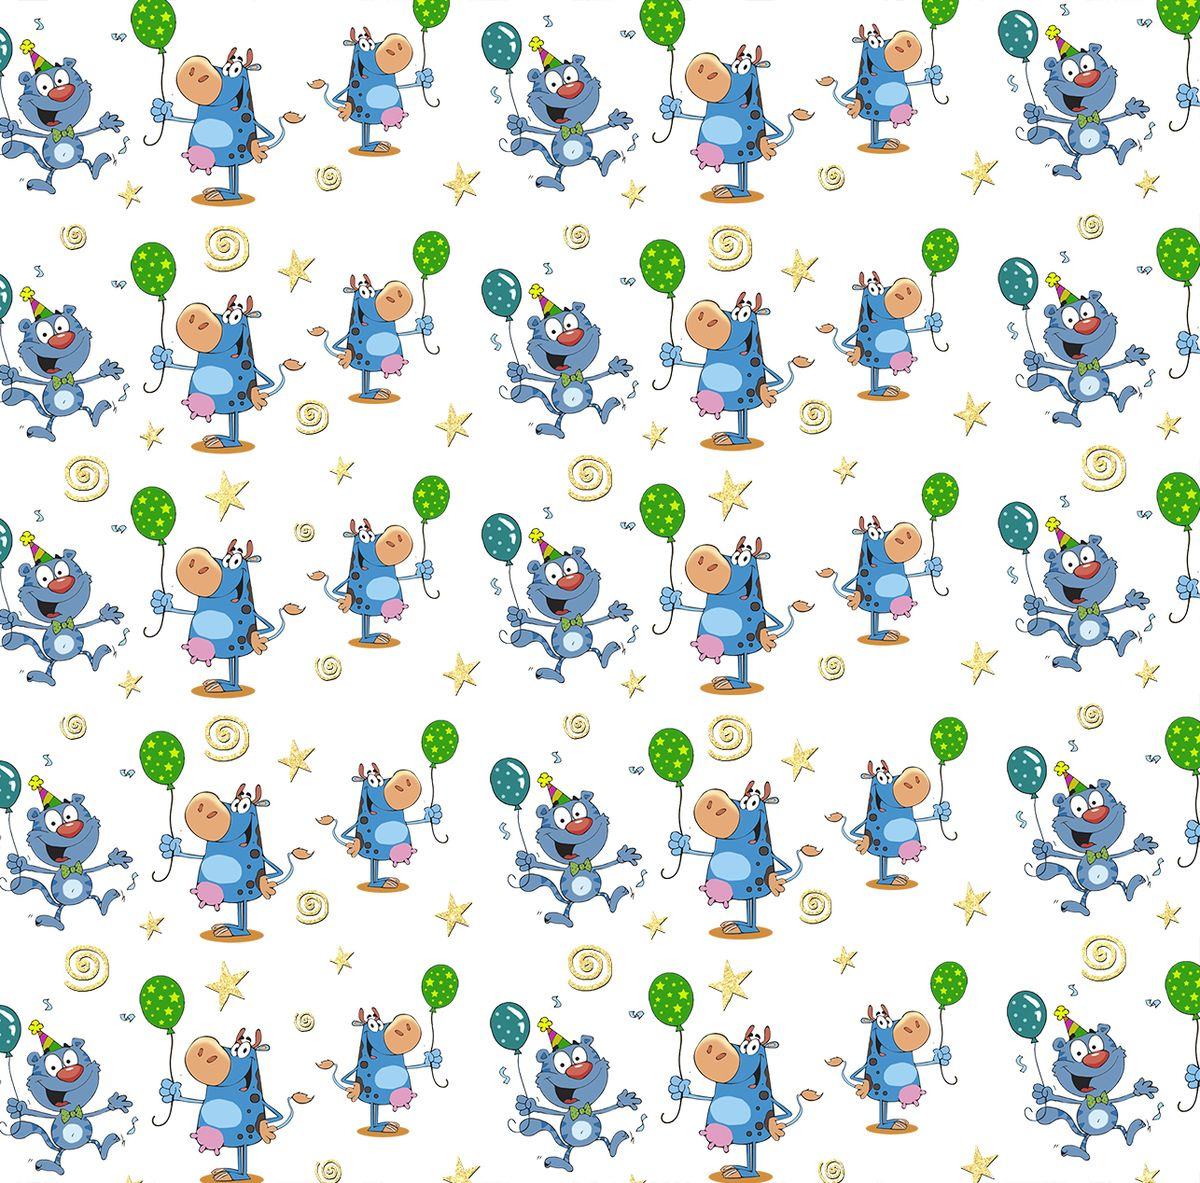 Упаковочная бумага Magic Home Кот и бегемот, 79440, мультиколор, 100 х 70 см